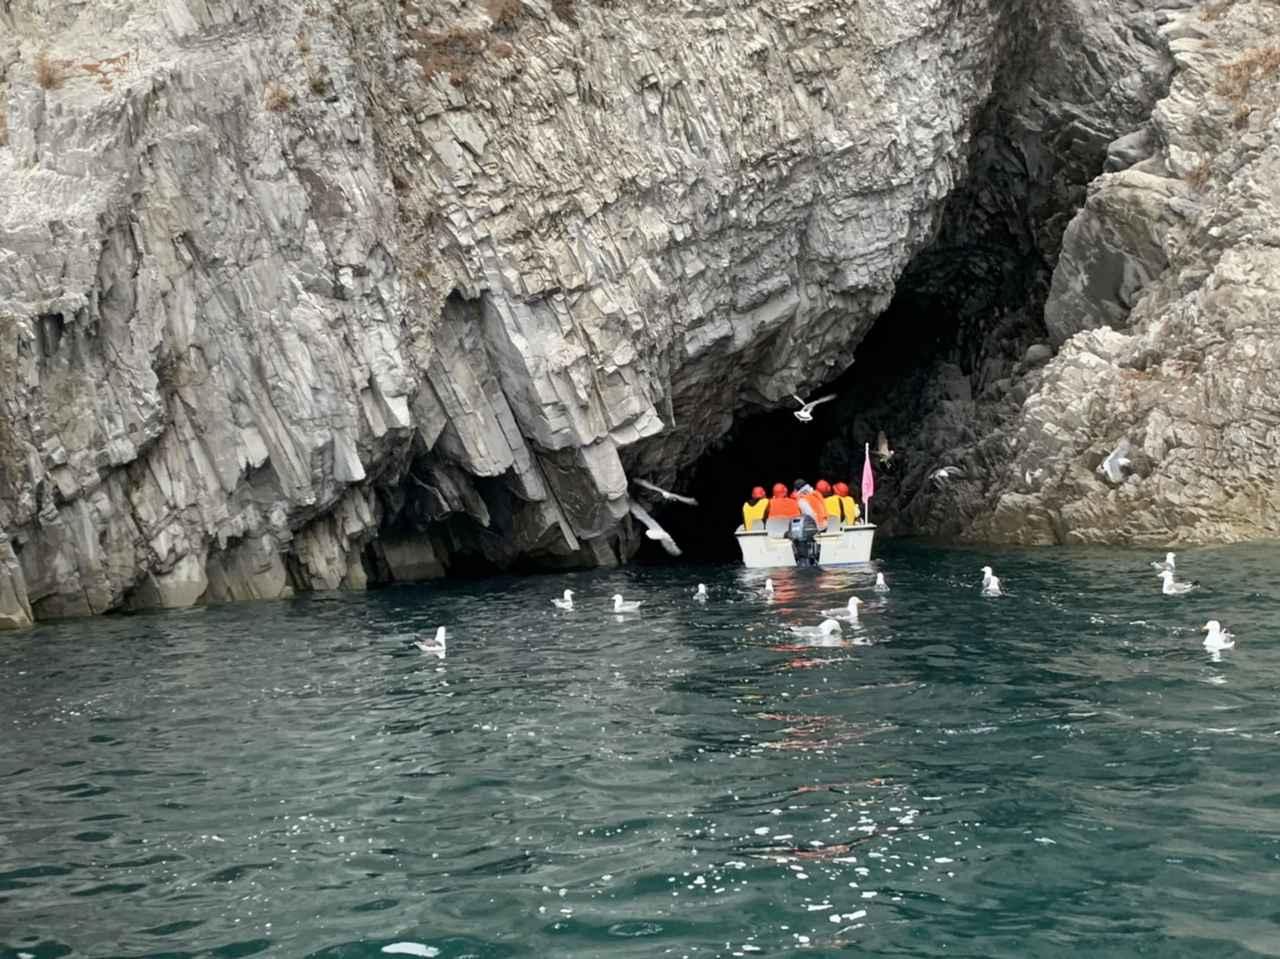 画像2: 【岩手】洞窟の中で輝く青い海、イタリアの青の洞窟にも引けをとらない「八戸穴」